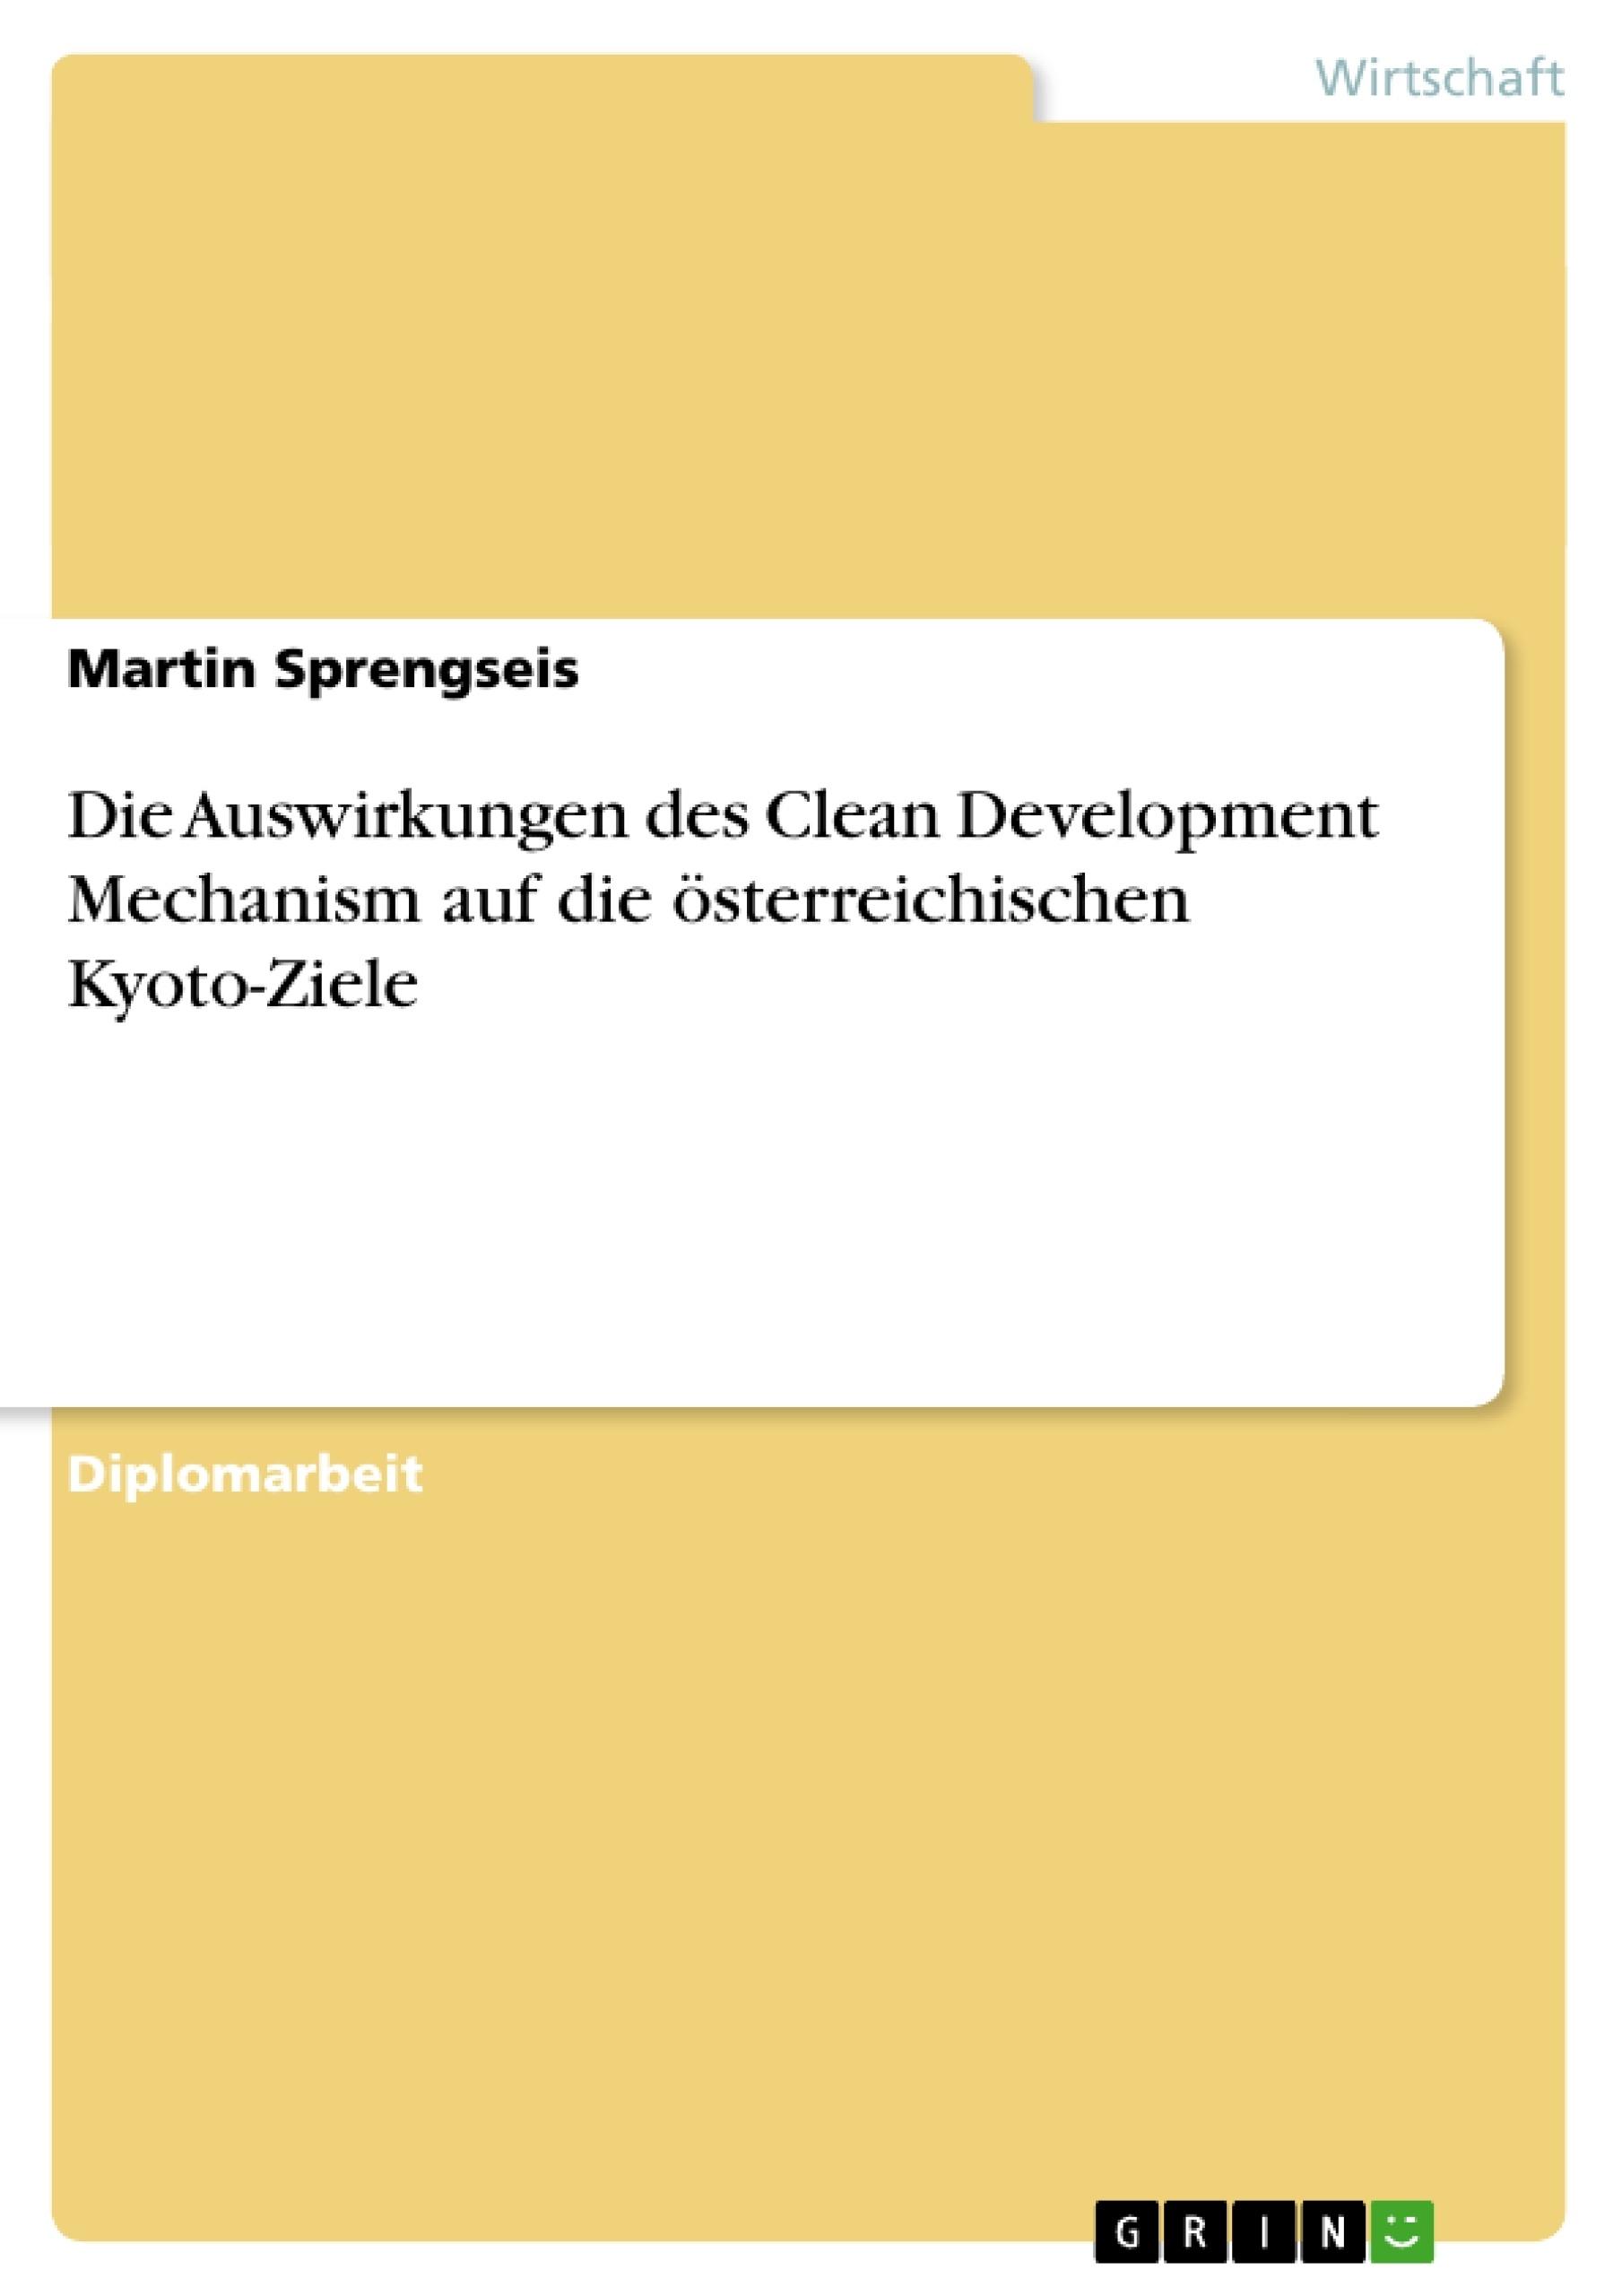 Titel: Die Auswirkungen des Clean Development Mechanism auf die österreichischen Kyoto-Ziele